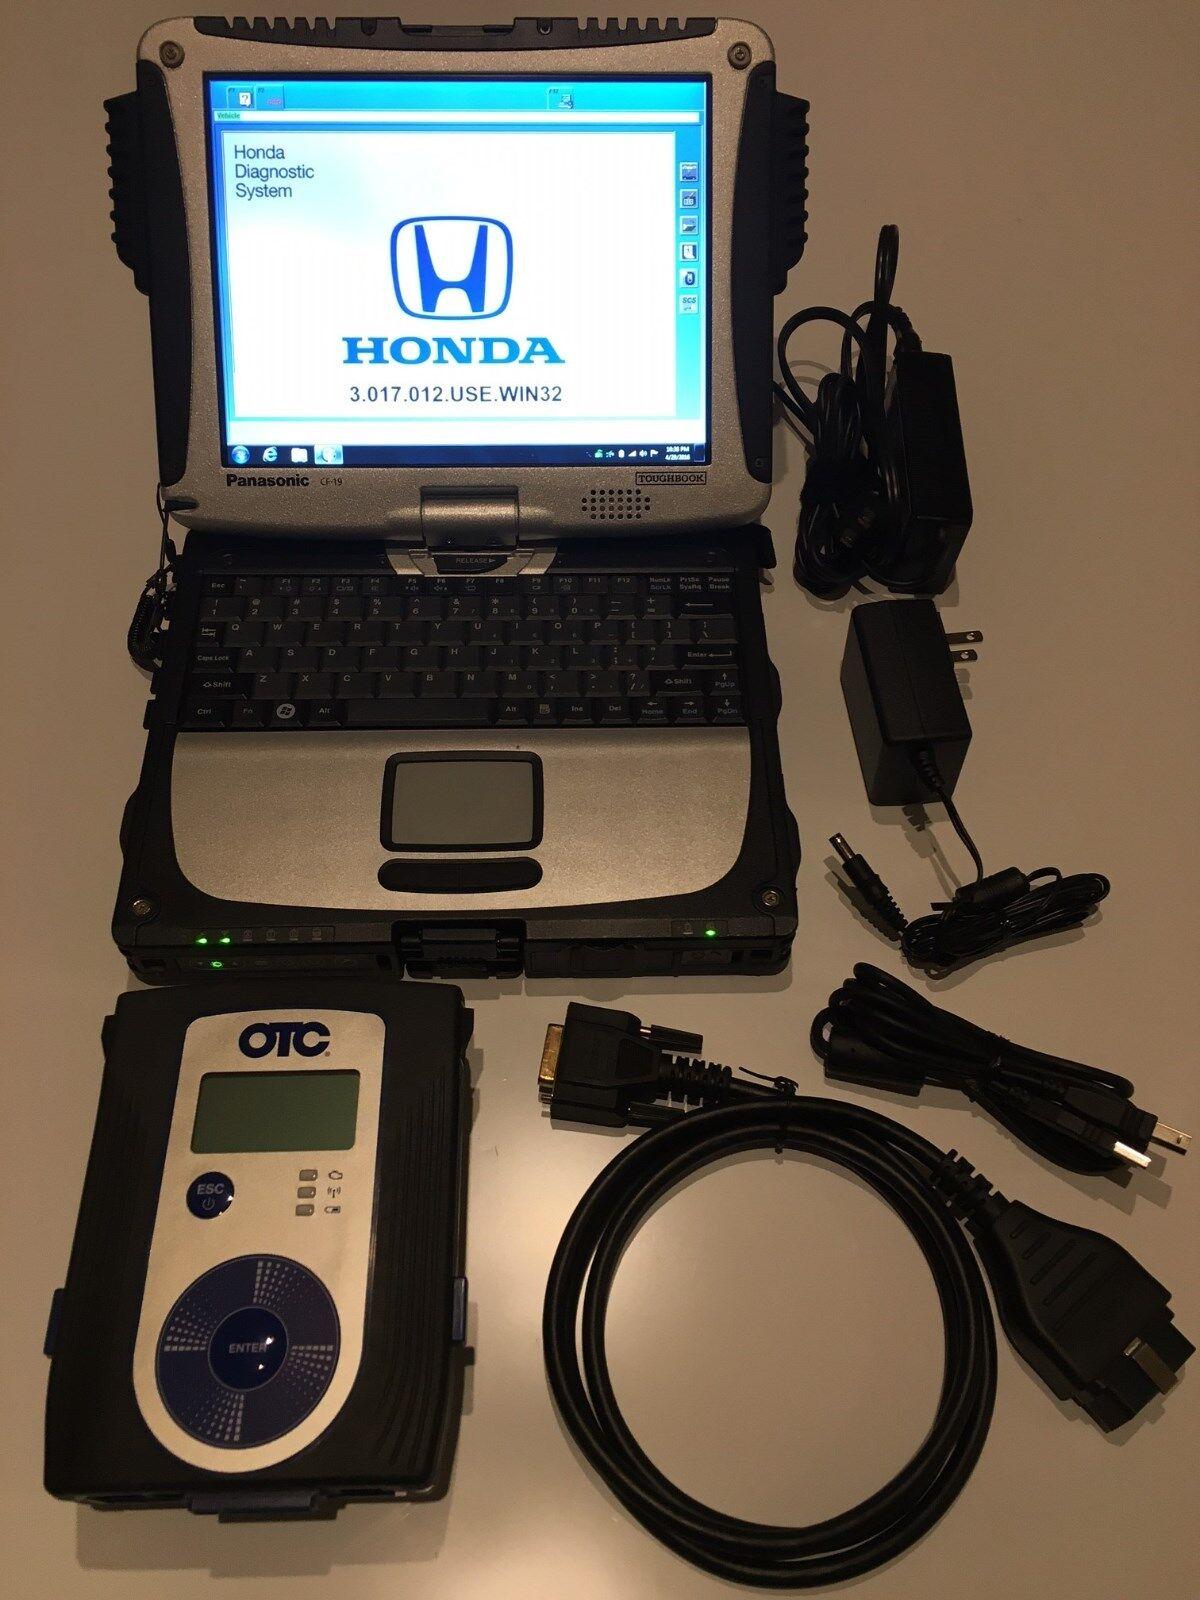 Honda Acura Hds Diagnostic Scanner Kit Mvci Dealer Scan